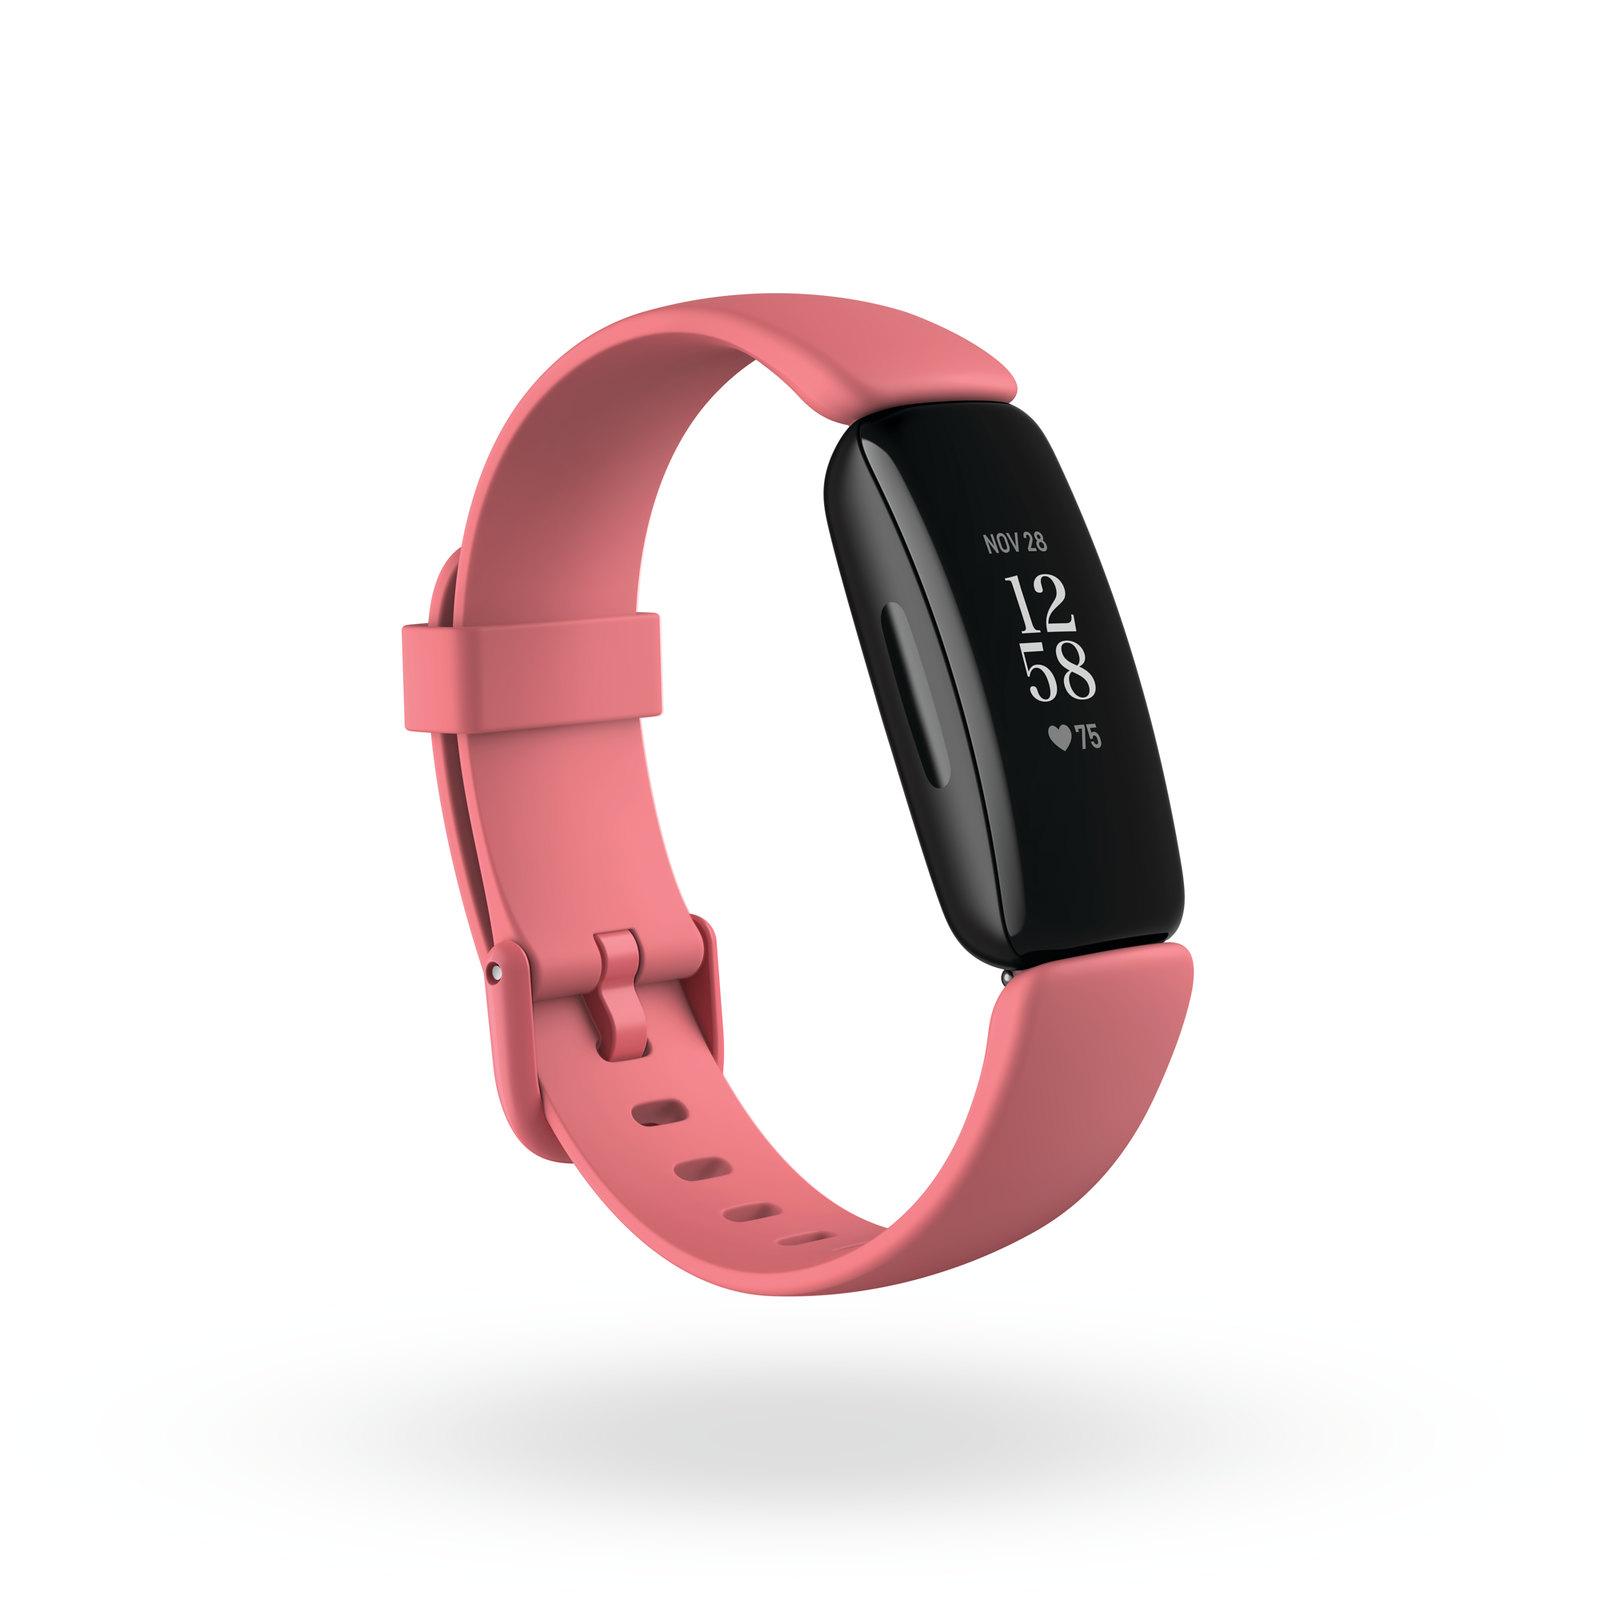 圖四(4):Fitbit 免費開放 Fitbit Inspire 2 裝置健康指標儀表板功能,協助用戶檢視一周的關鍵健康指標